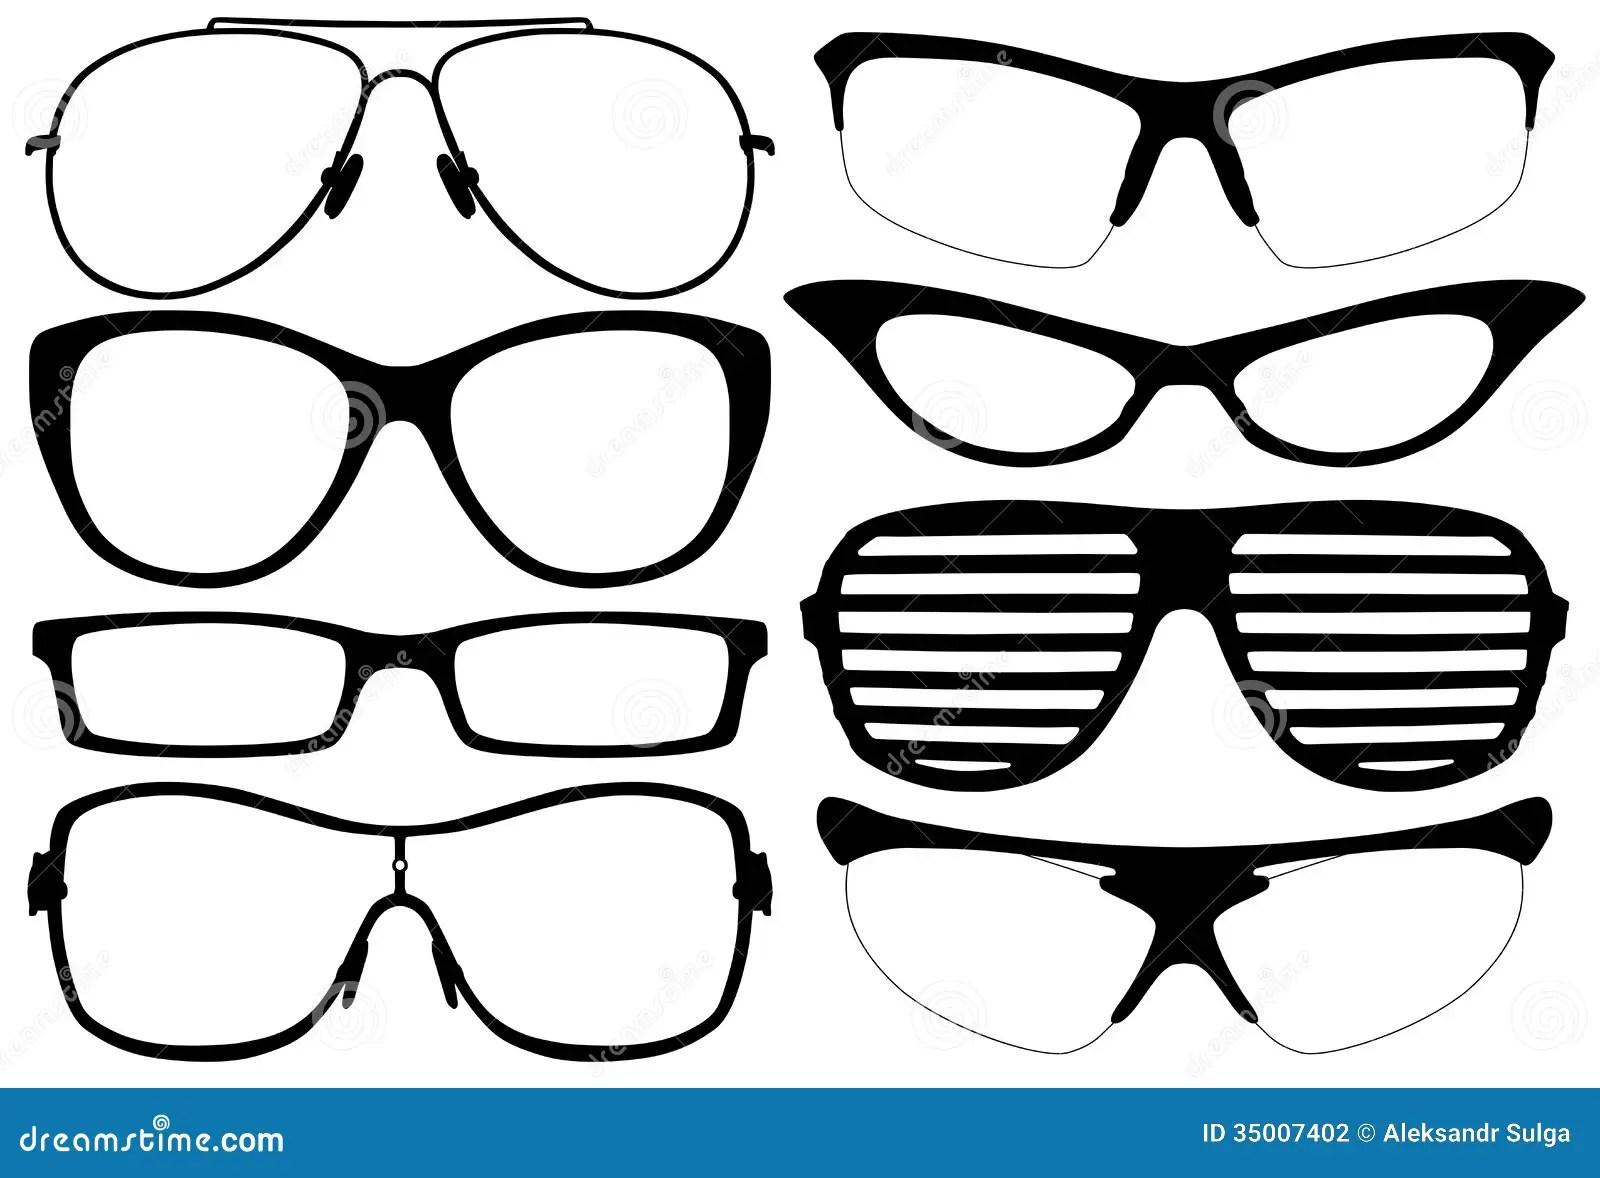 Glasses Silhouette Stock Vector Illustration Of Glasses